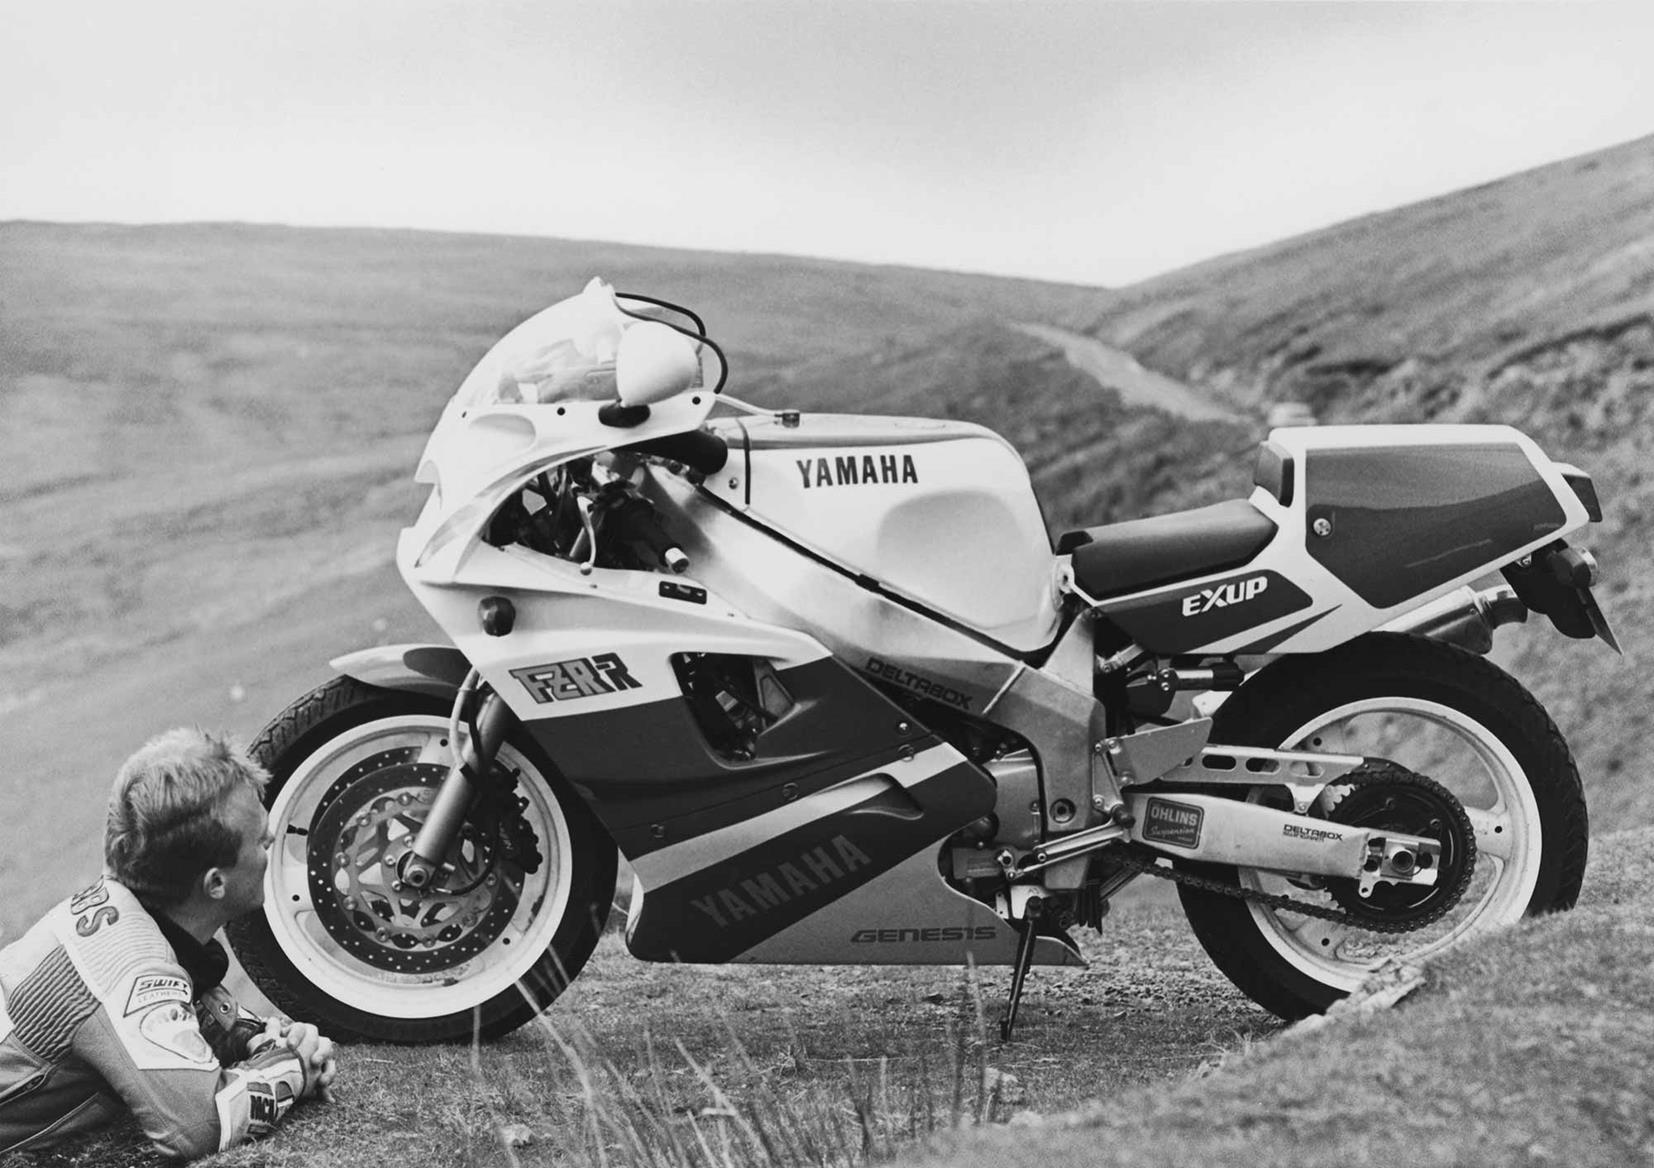 Admiring the Yamaha OW01